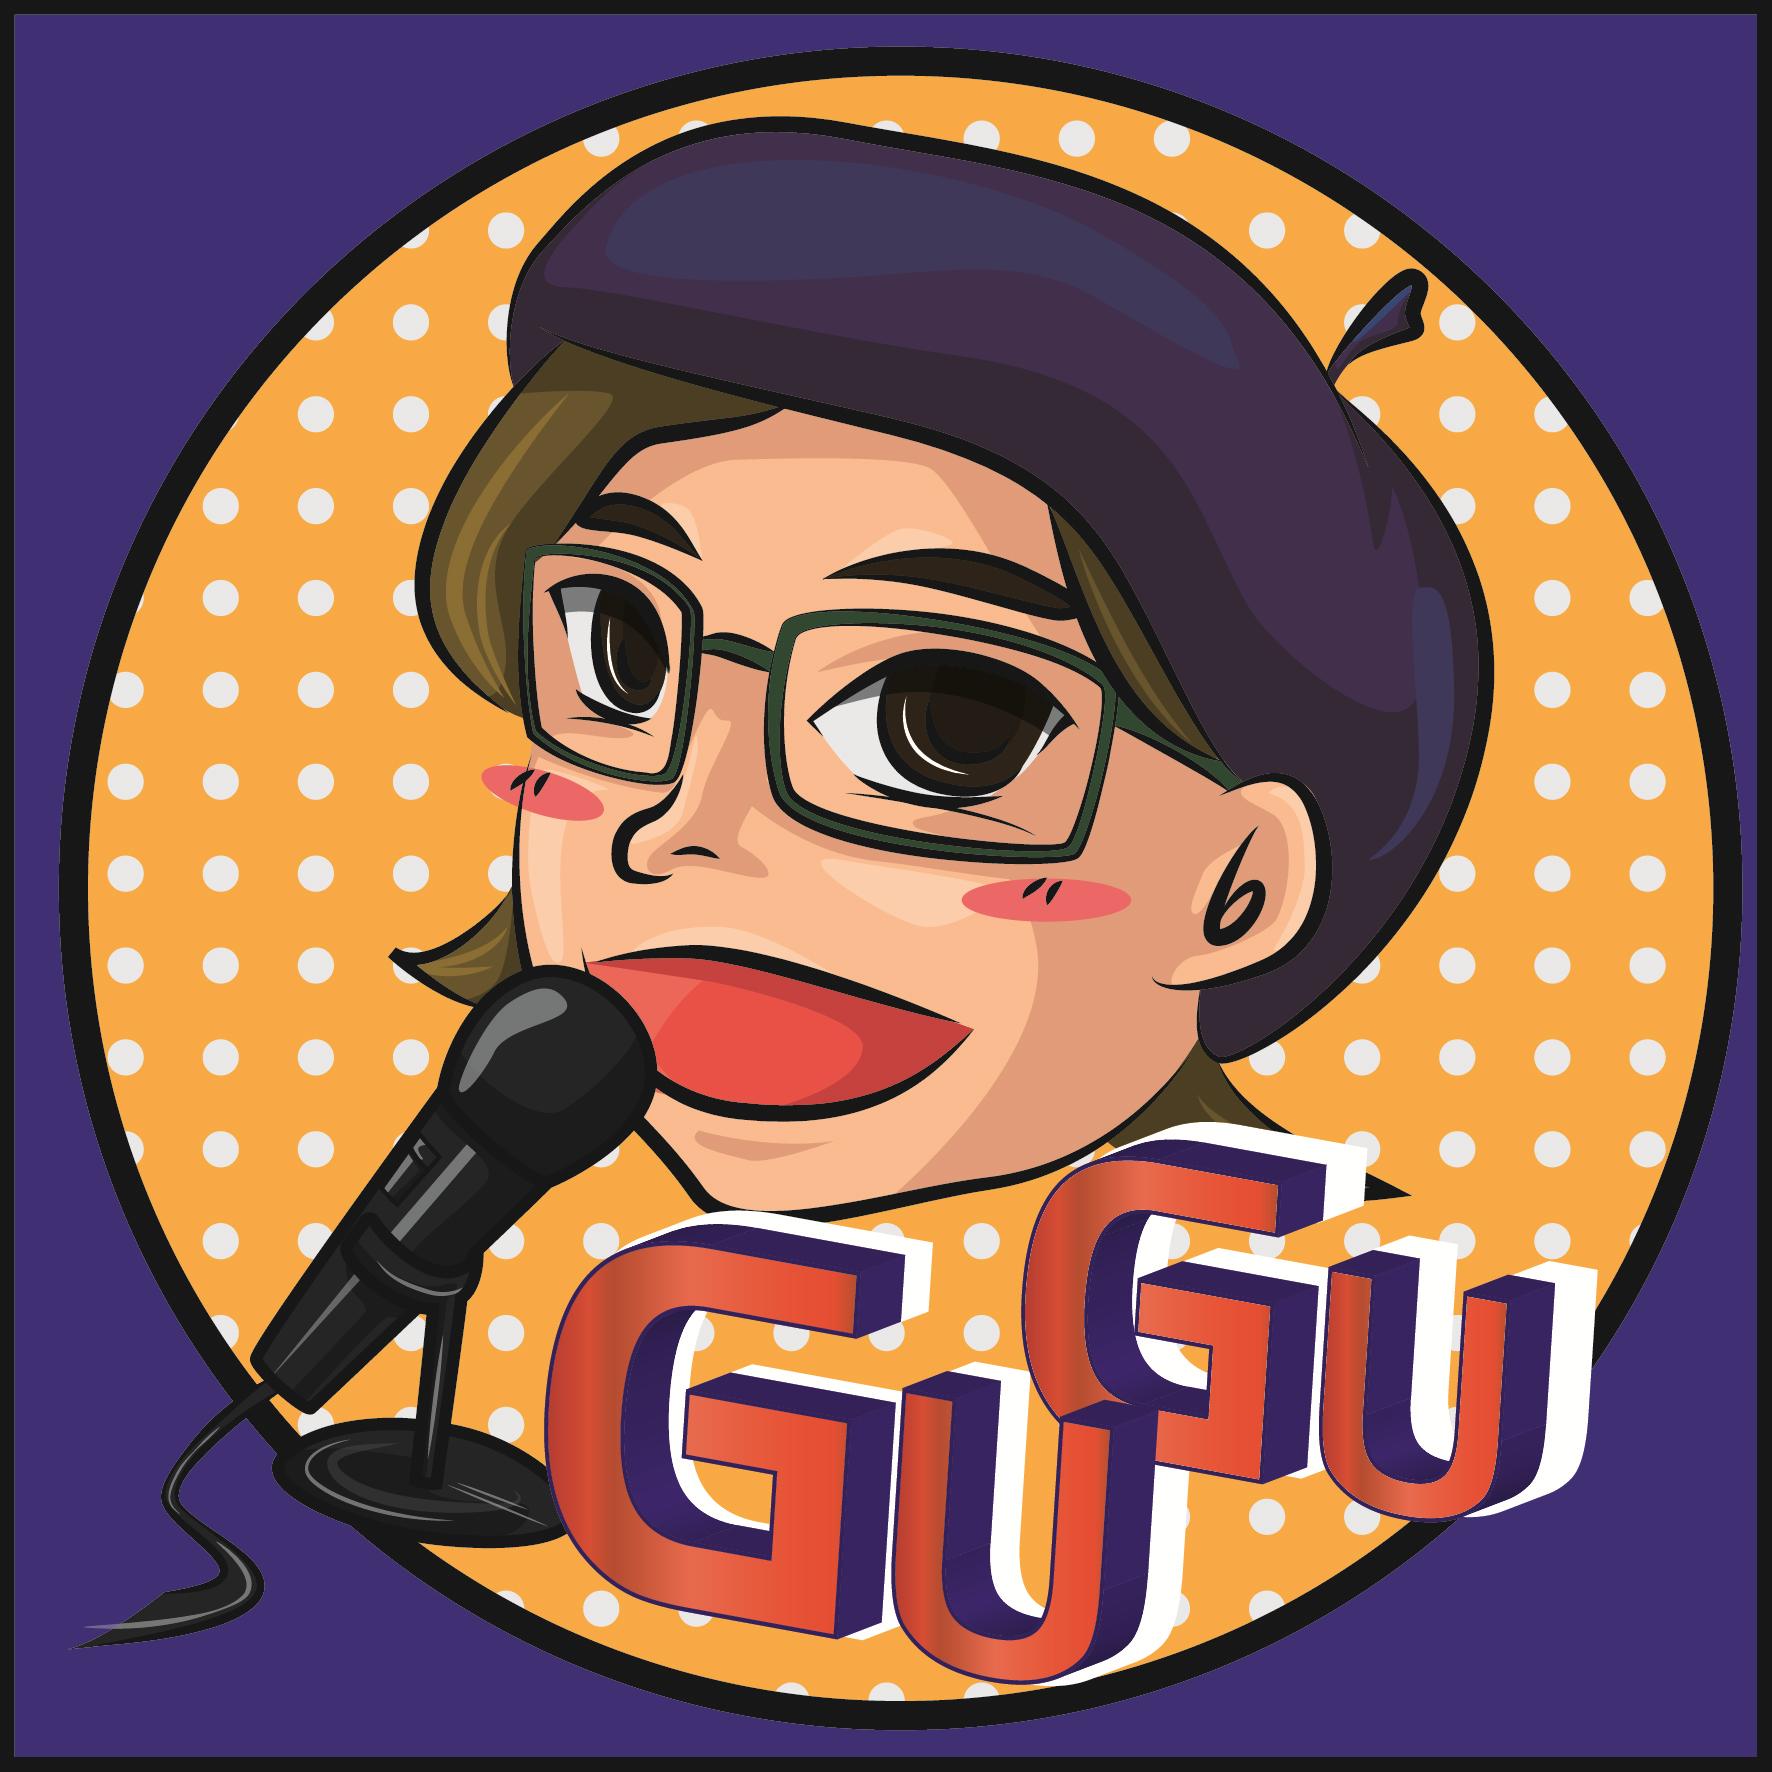 【職場奇葩談】Podcast 007-辦公室戀情 feat. Christy & Judy